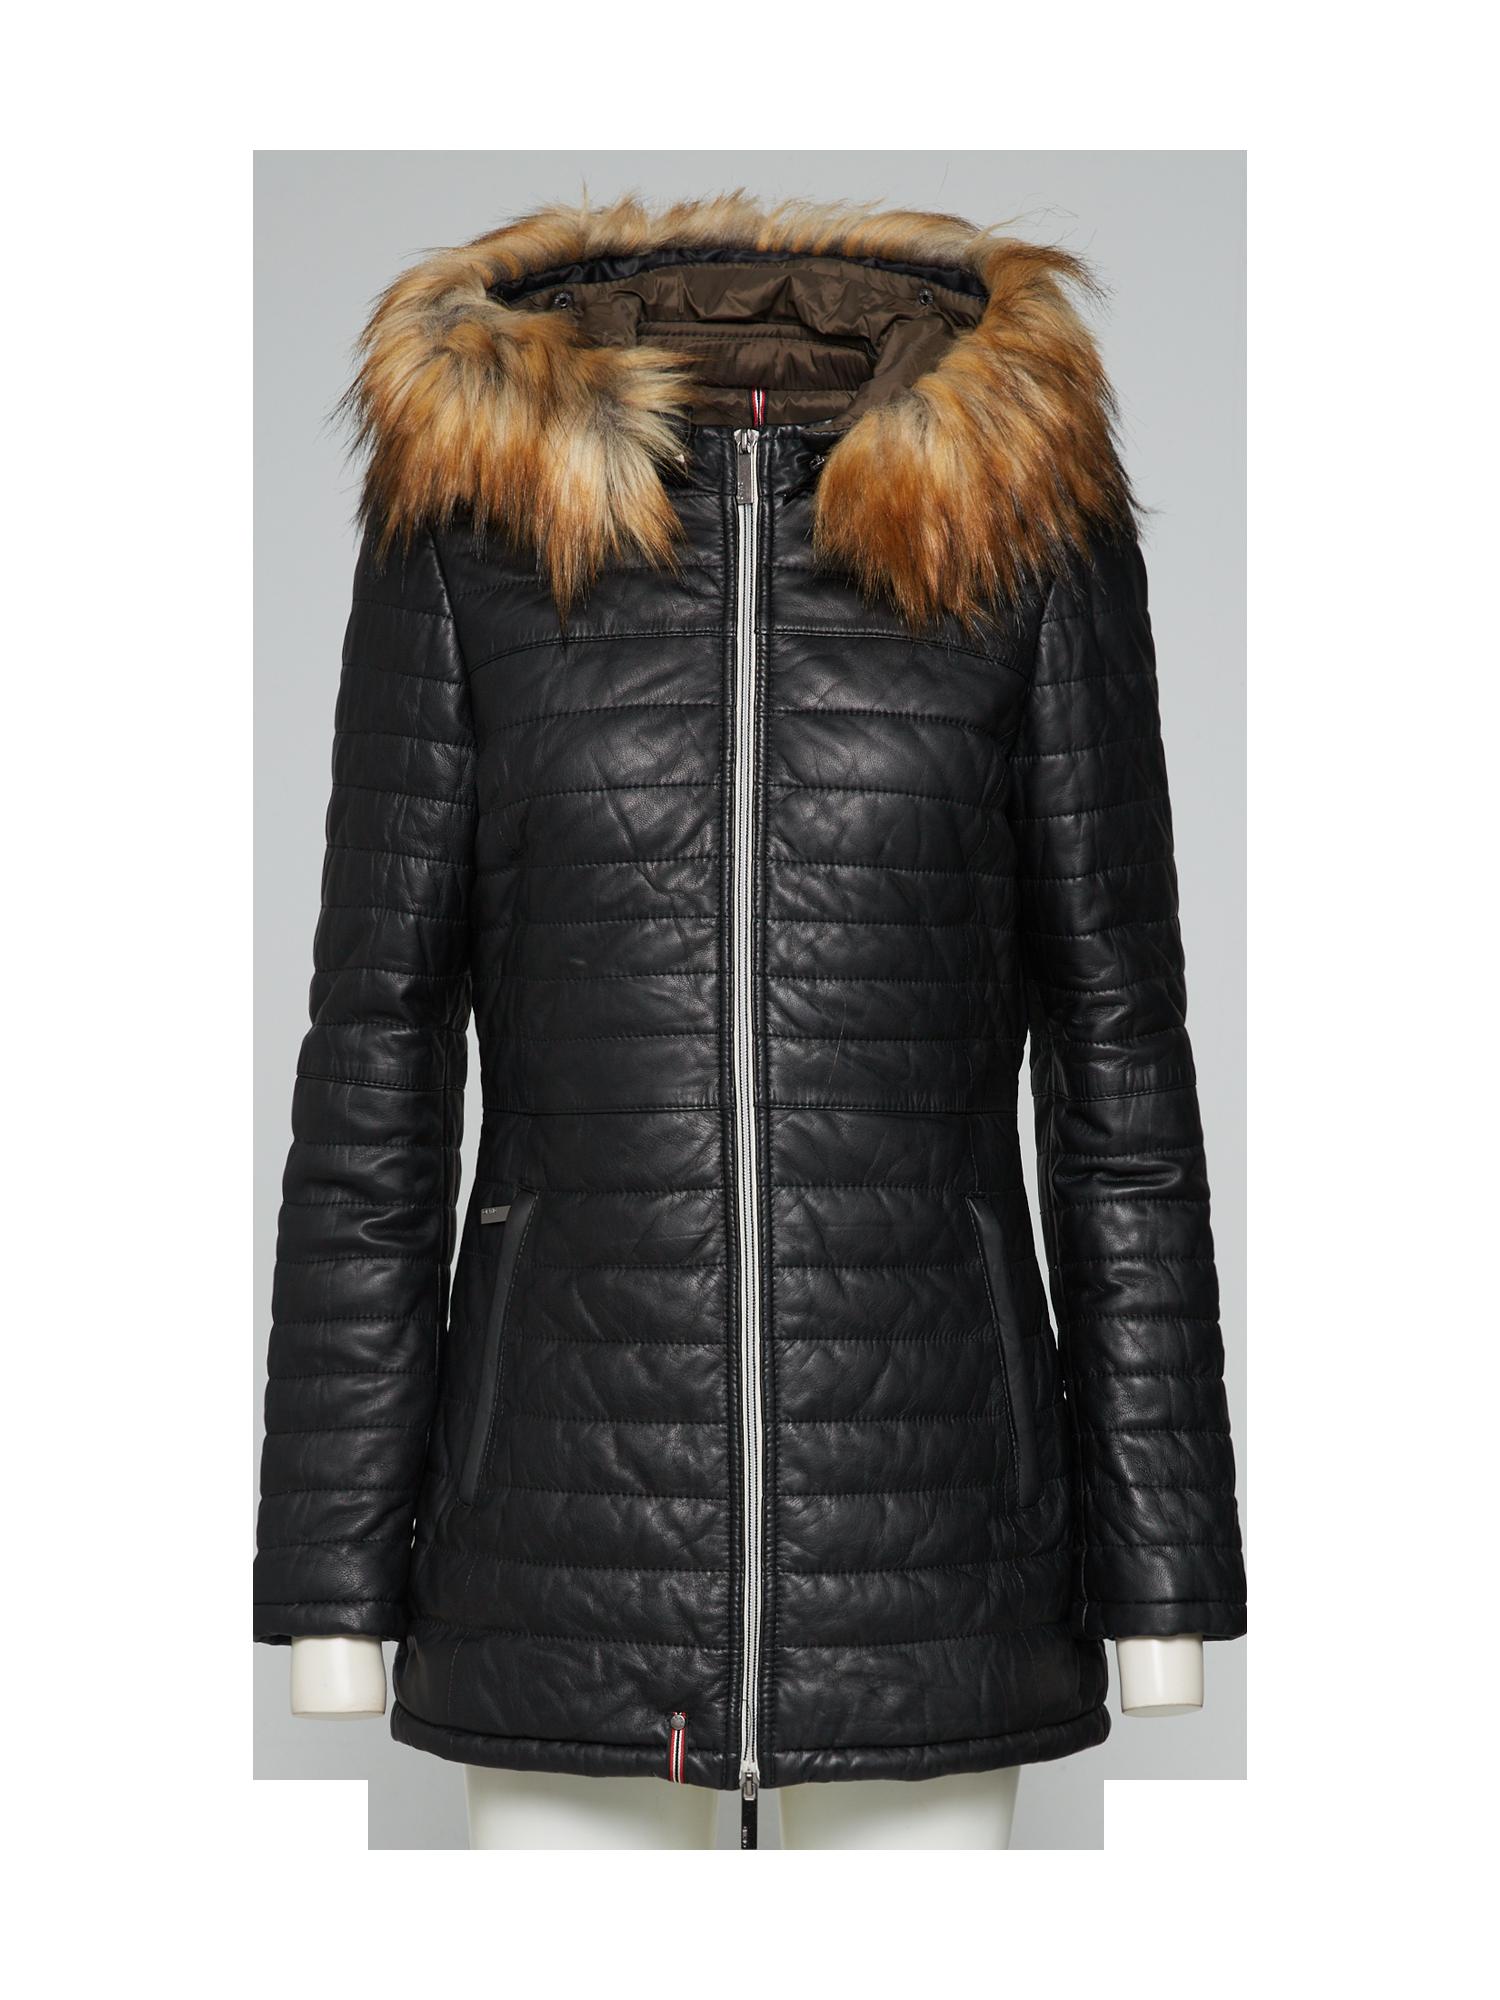 Fekete bőrdzseki szürke szőrmével S, M, L, XL, XXL